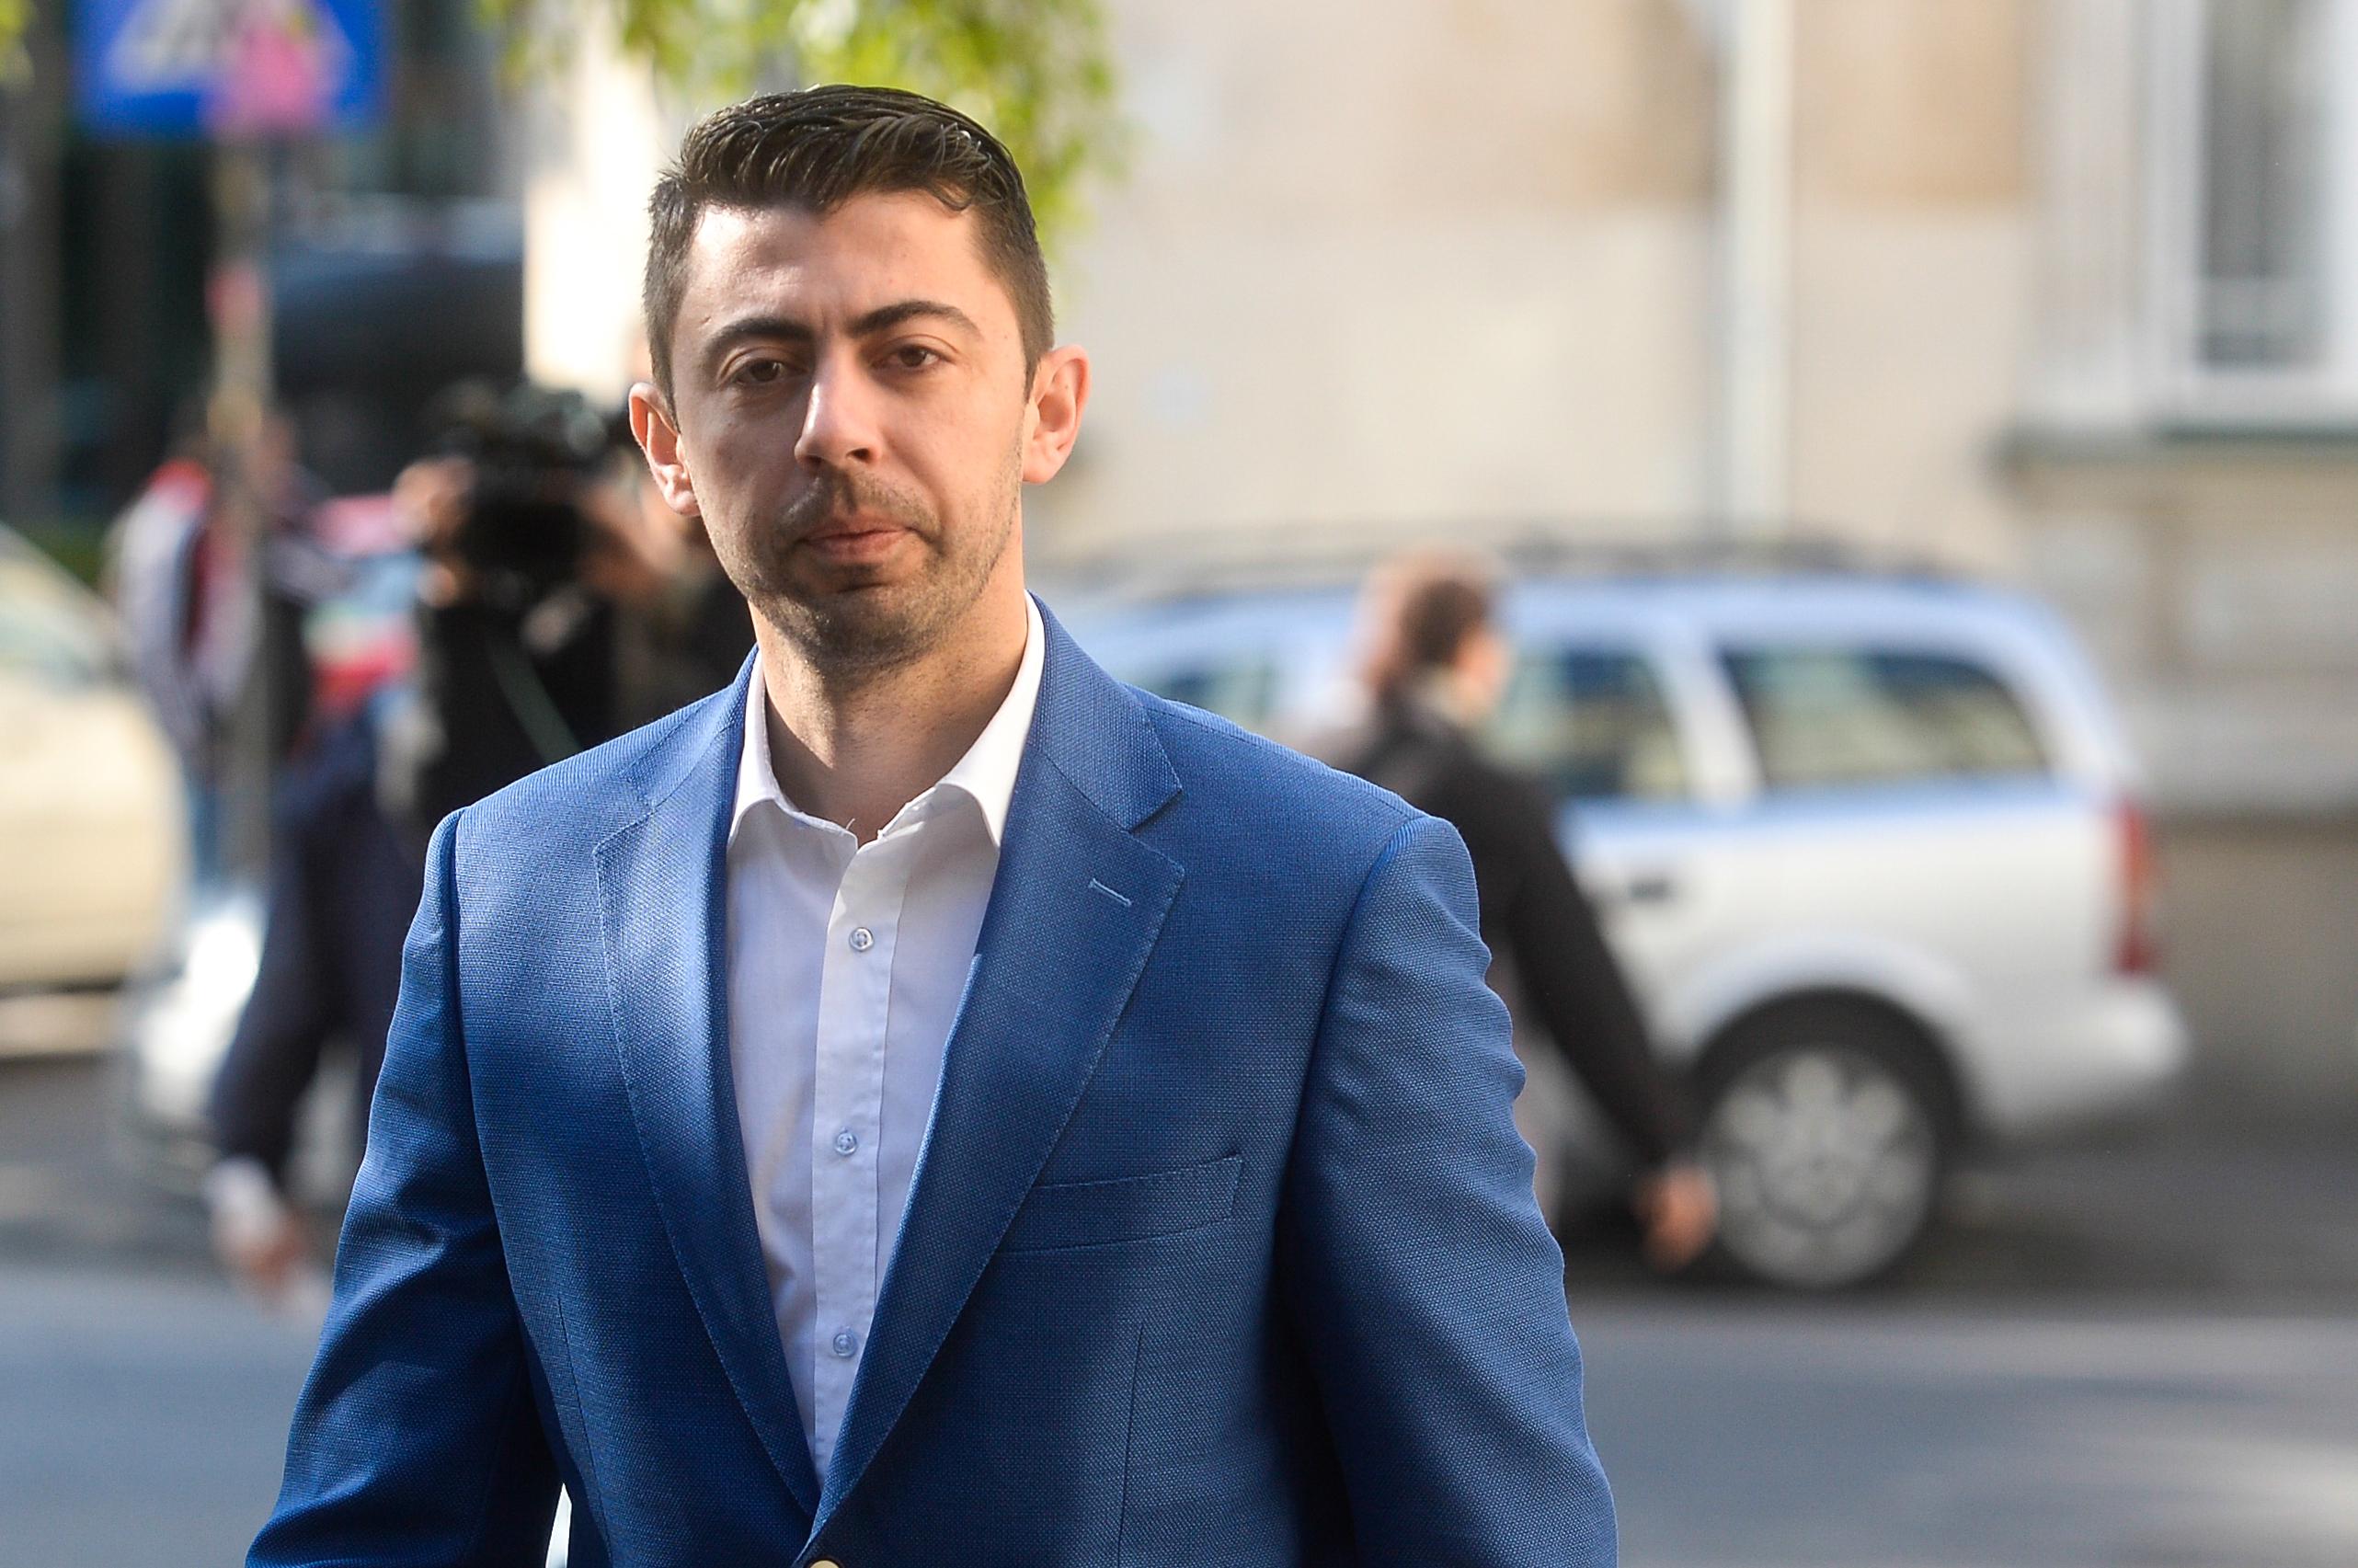 Comisia SRI se sesizează după înregistrările lui Vlad Cosma: Vrem să ştim dacă Dragoş e angajat SRI